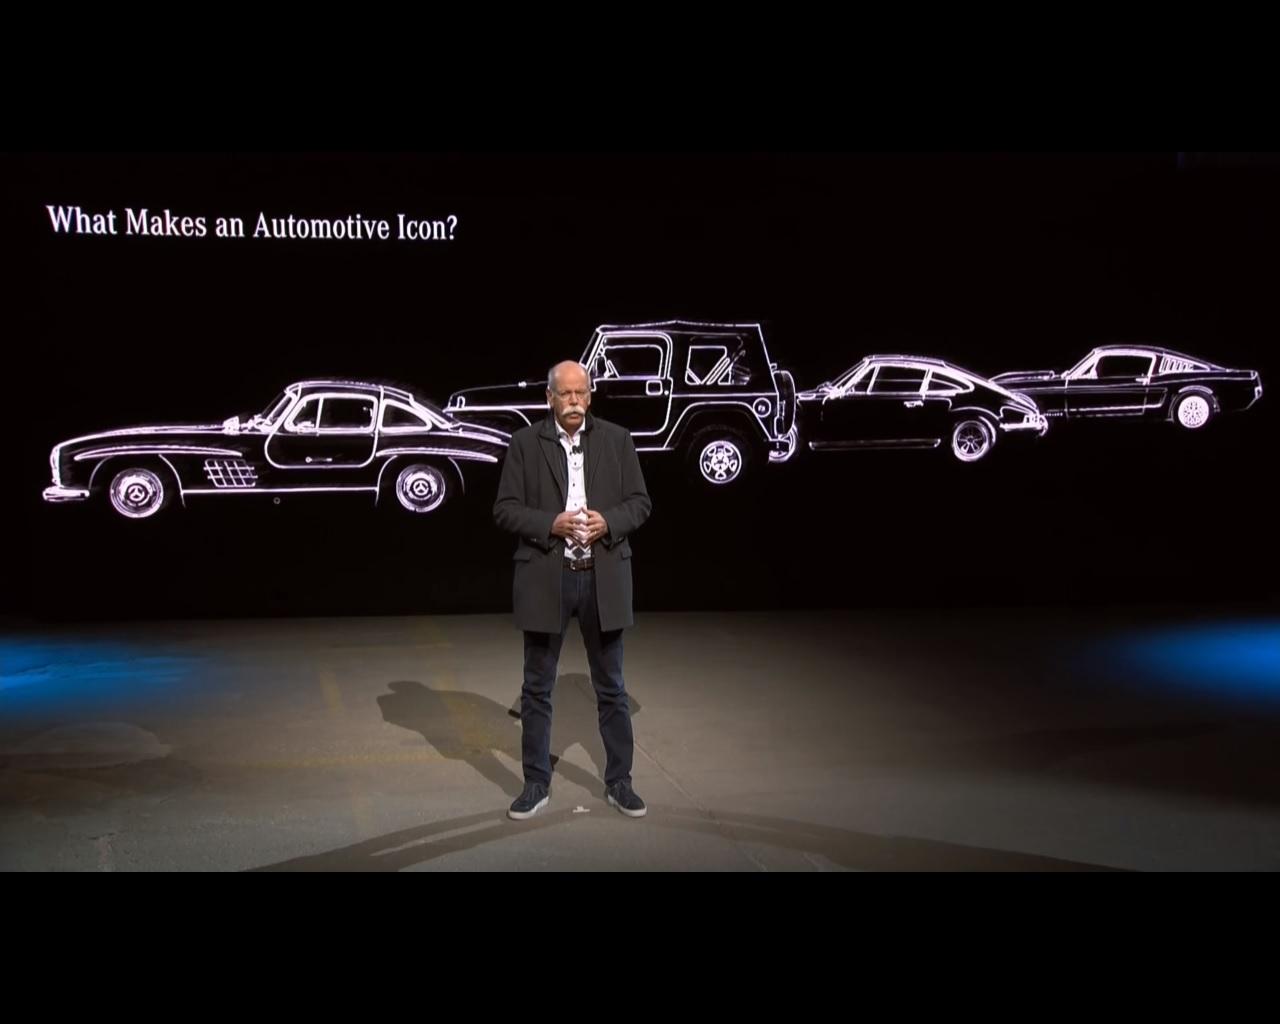 Šef Mercedesa izdvojio četiri ikone automobizma, među njima samo jedan Mercedes